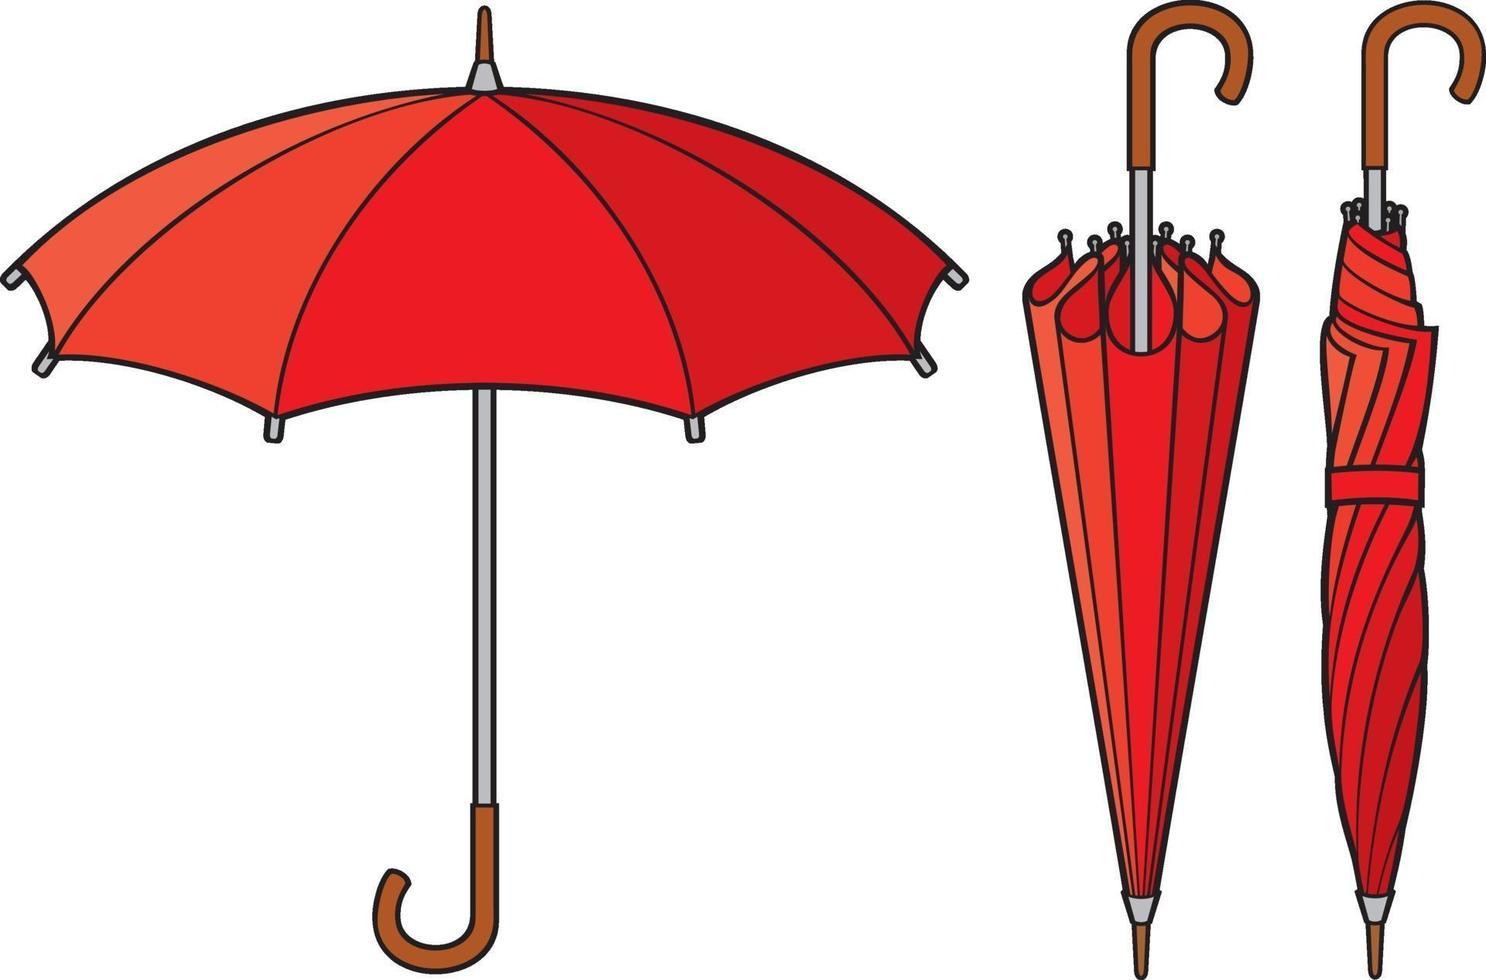 parapluie fermé et ouvert vecteur